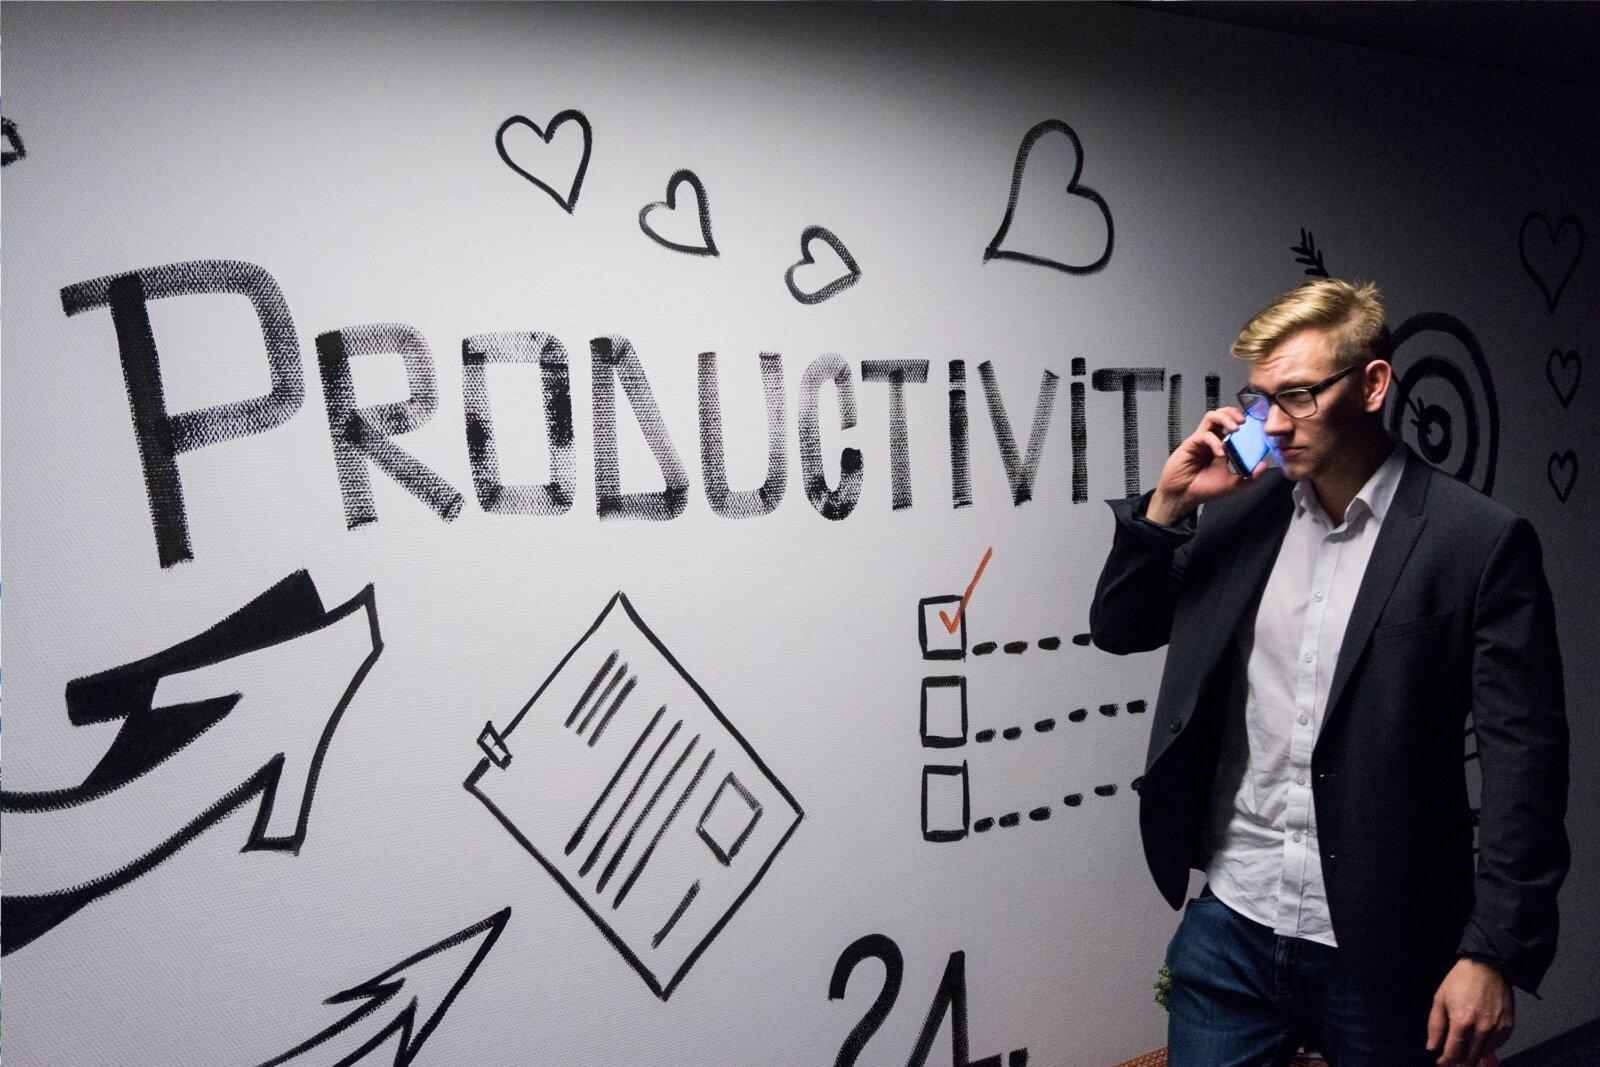 С чего начать бизнес: 9 простых этапов + с нуля + идеи + опыт